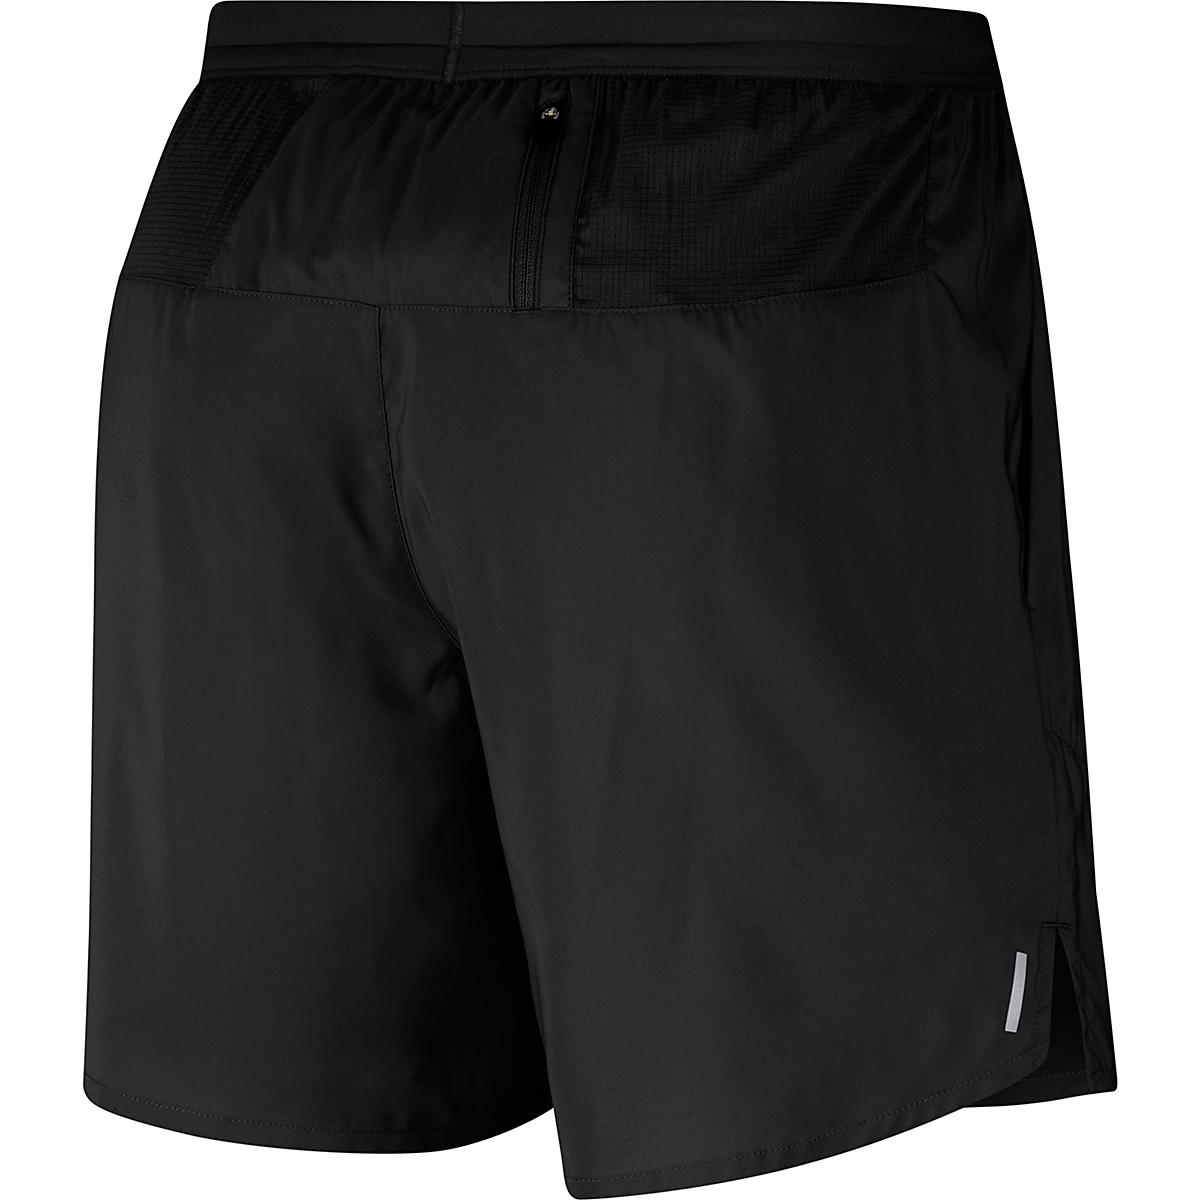 """Men's Nike Flex Stride 7"""" Brief Running Shorts - Color: Black - Size: S, Black, large, image 7"""